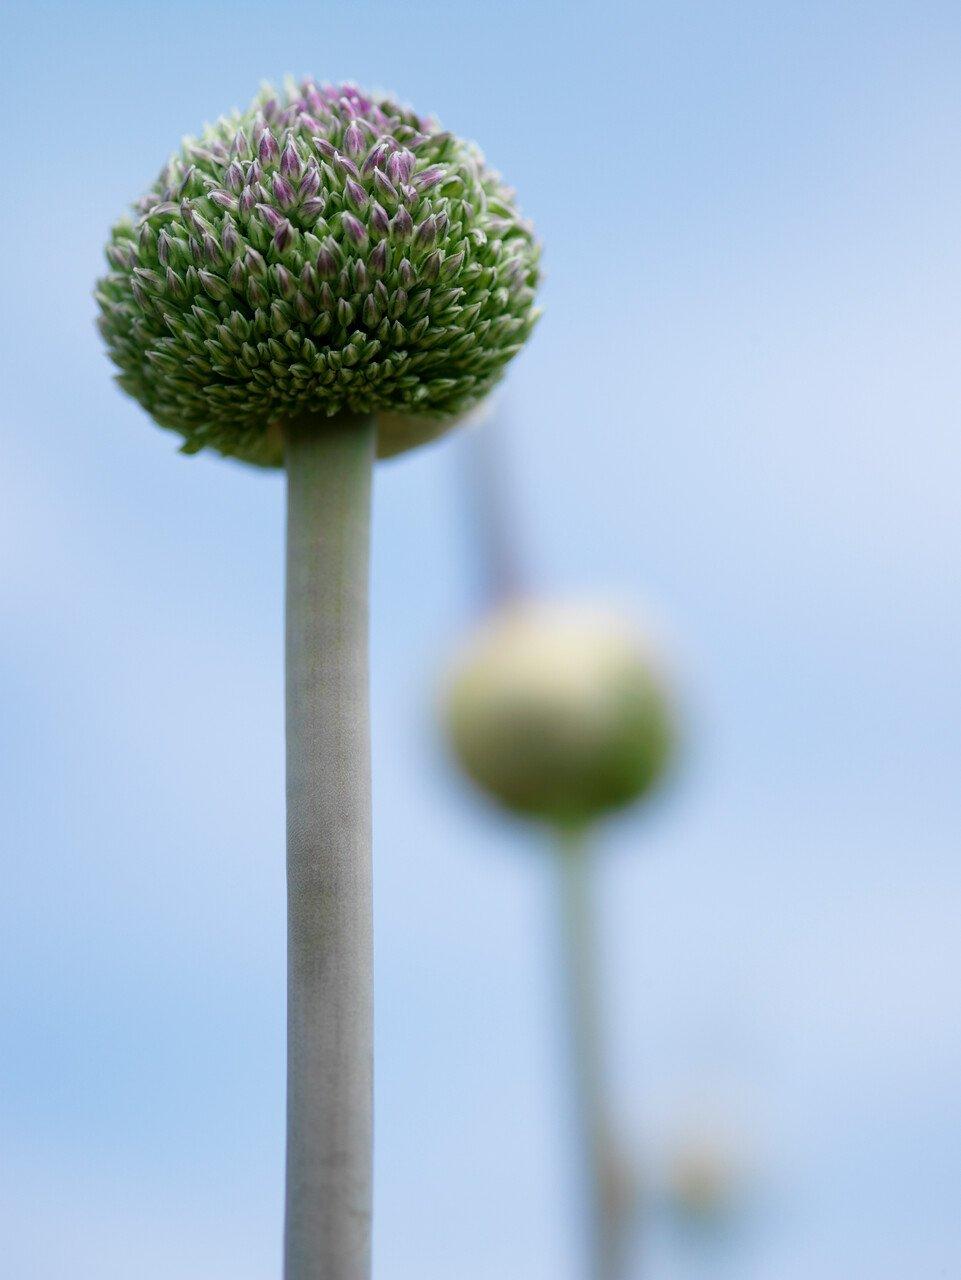 Prydløg - Allium 'Summer Drummer' - 10 stk.